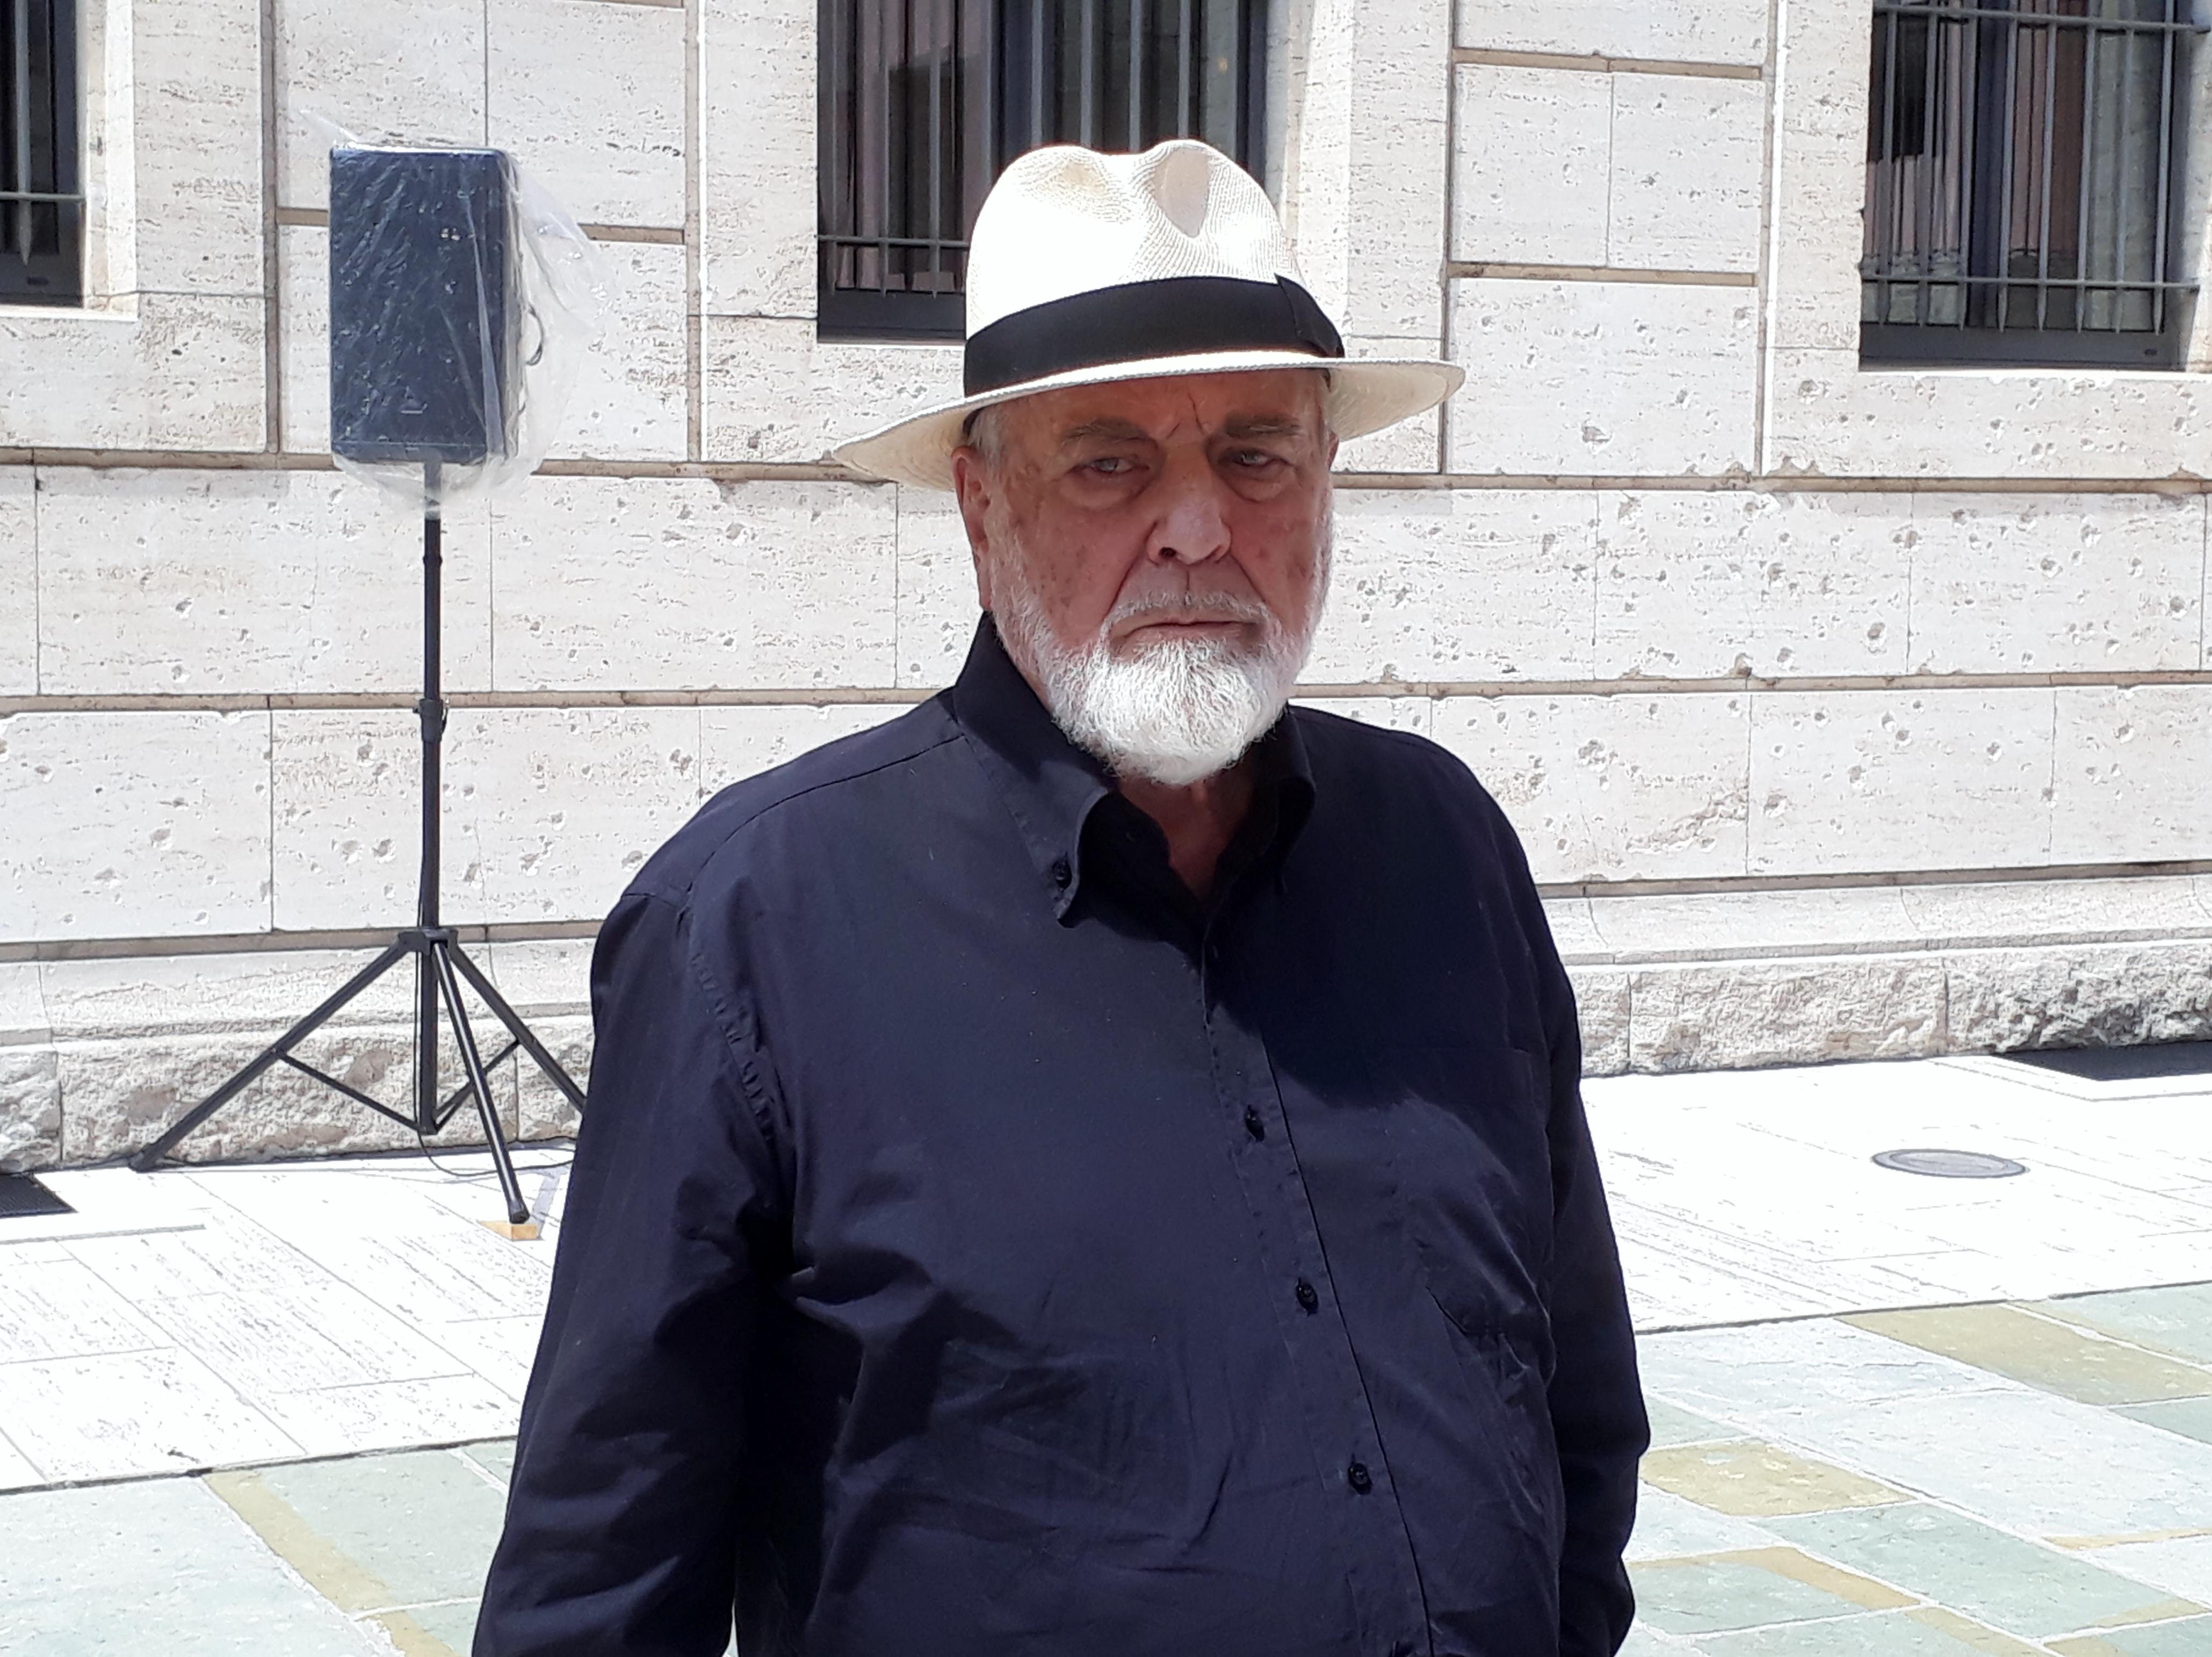 Michelangelo Pistoletto: Der Einfluss des Künstlers auf die Welt